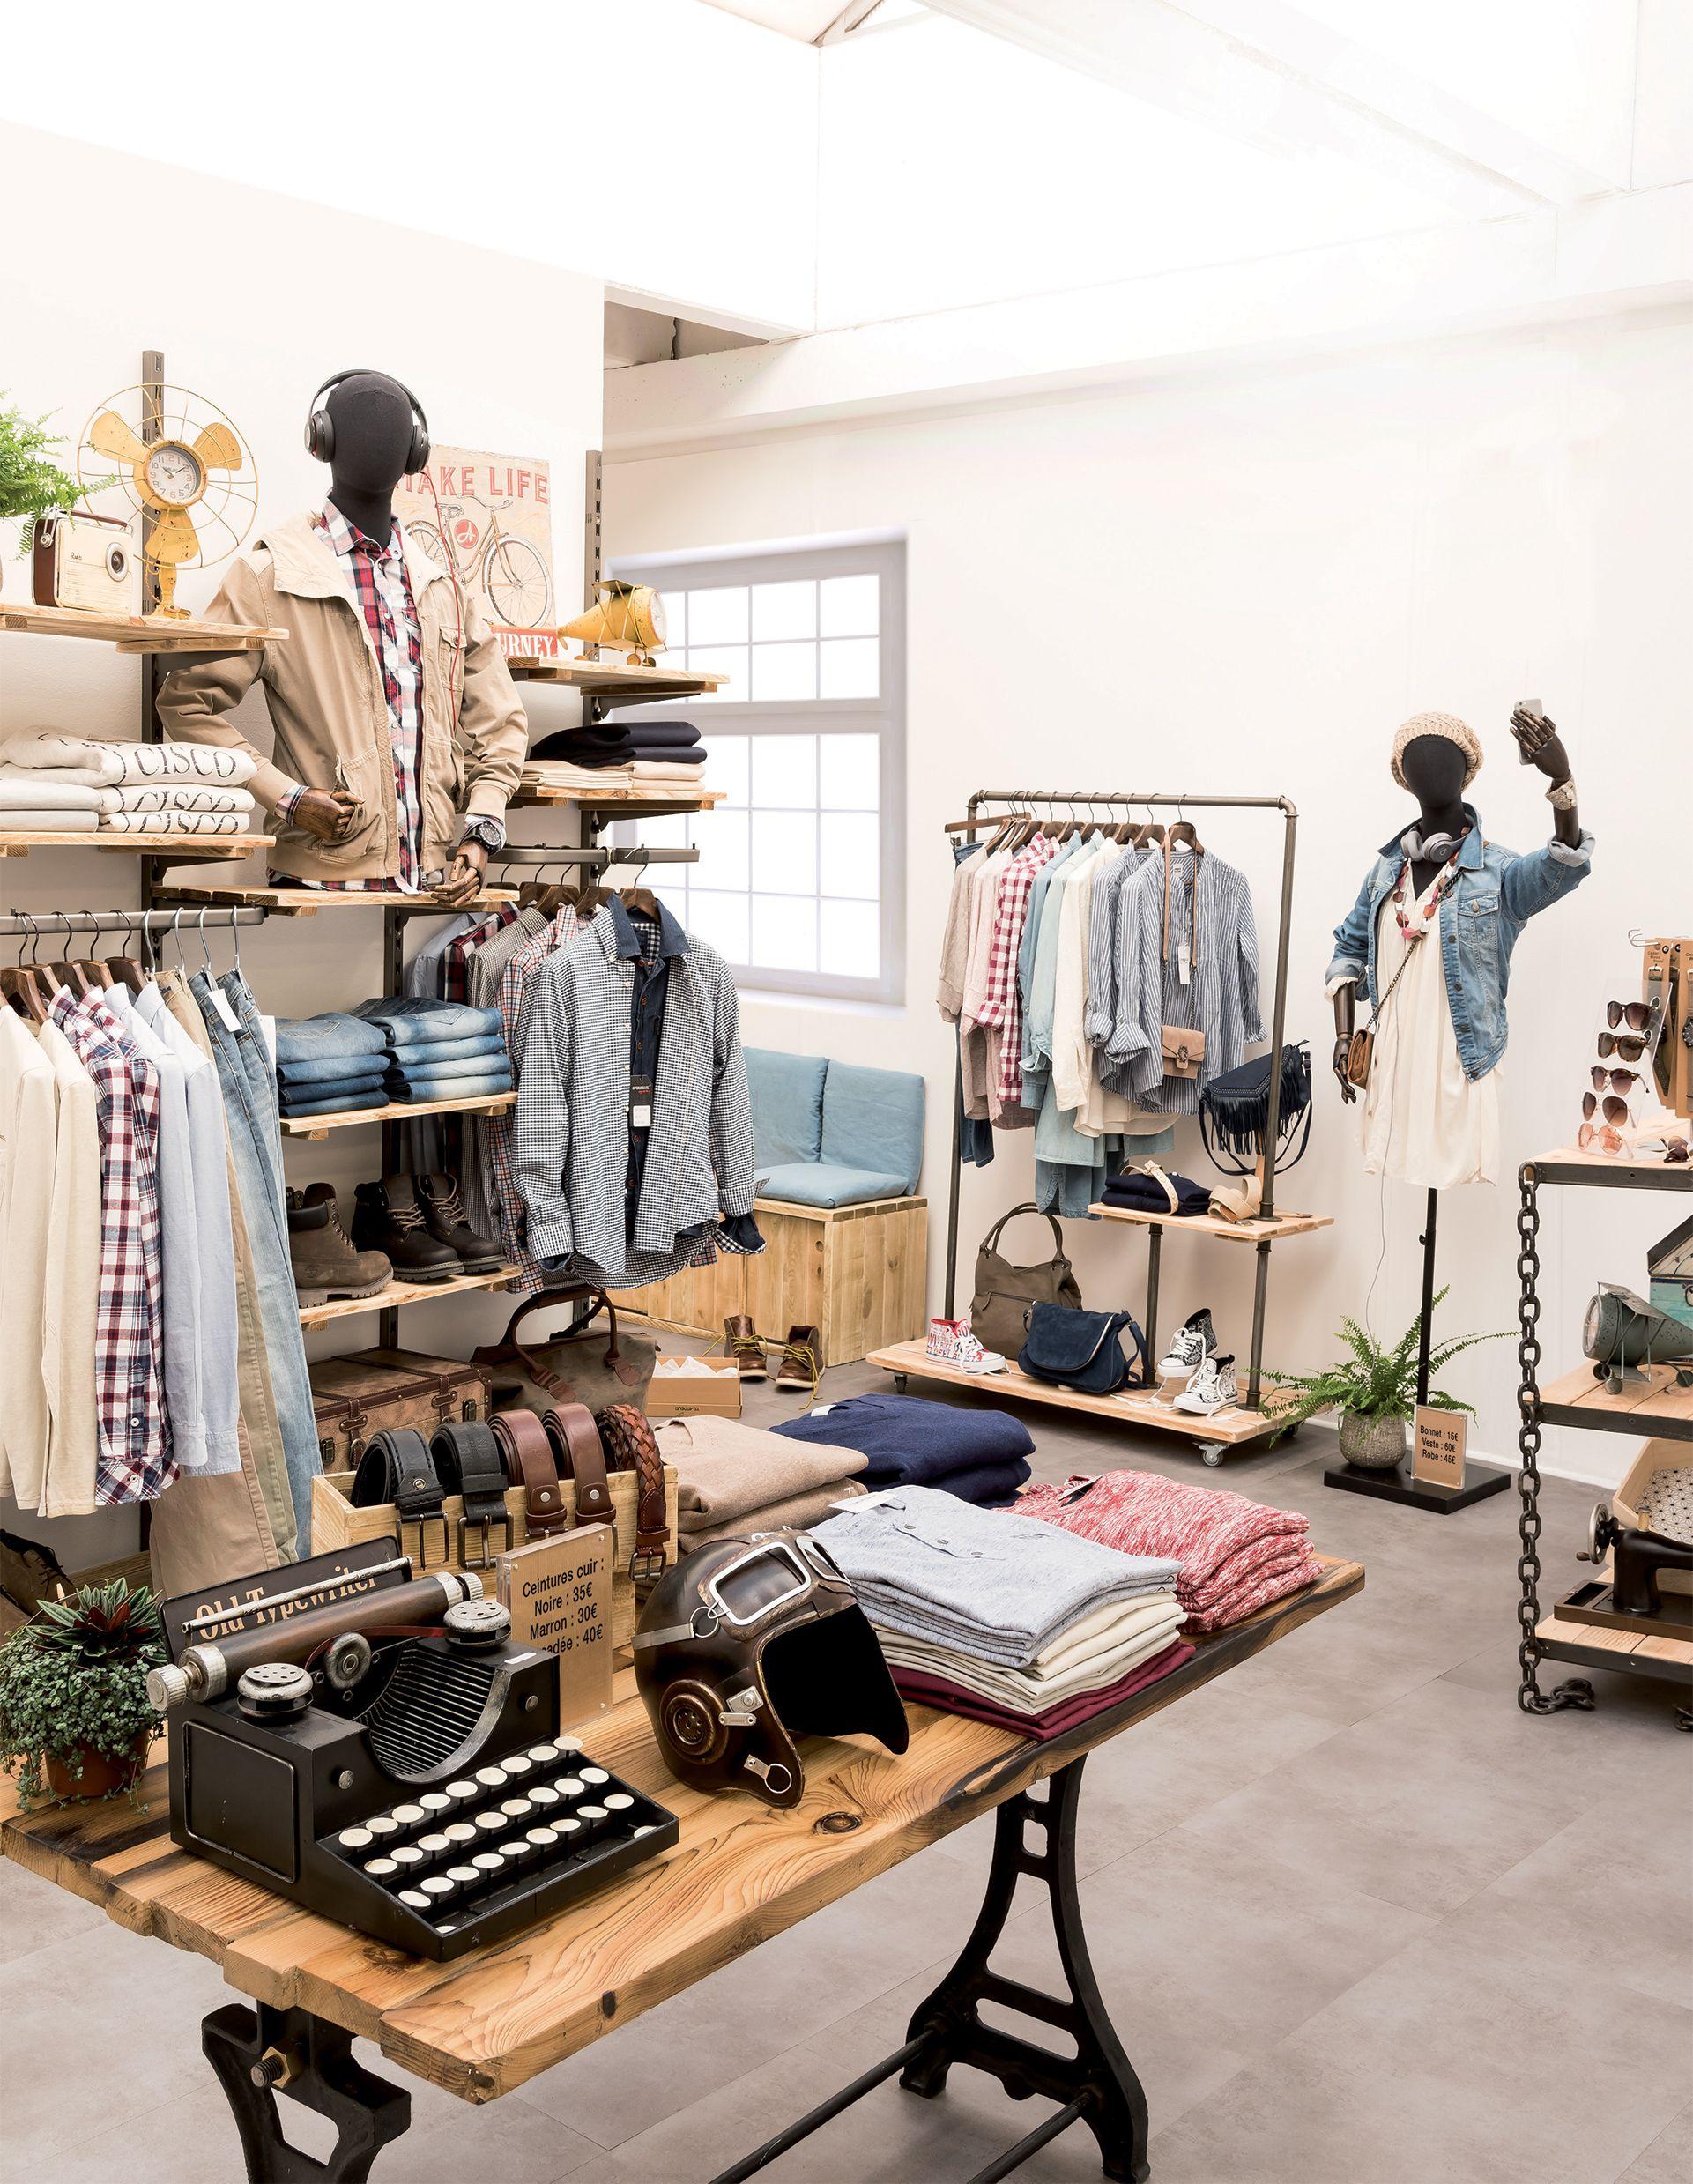 9c4b5790133  RetifEspaña  Tienda  Decoración  Colección  Muebles  Moda  MaderaNatural   Vintage